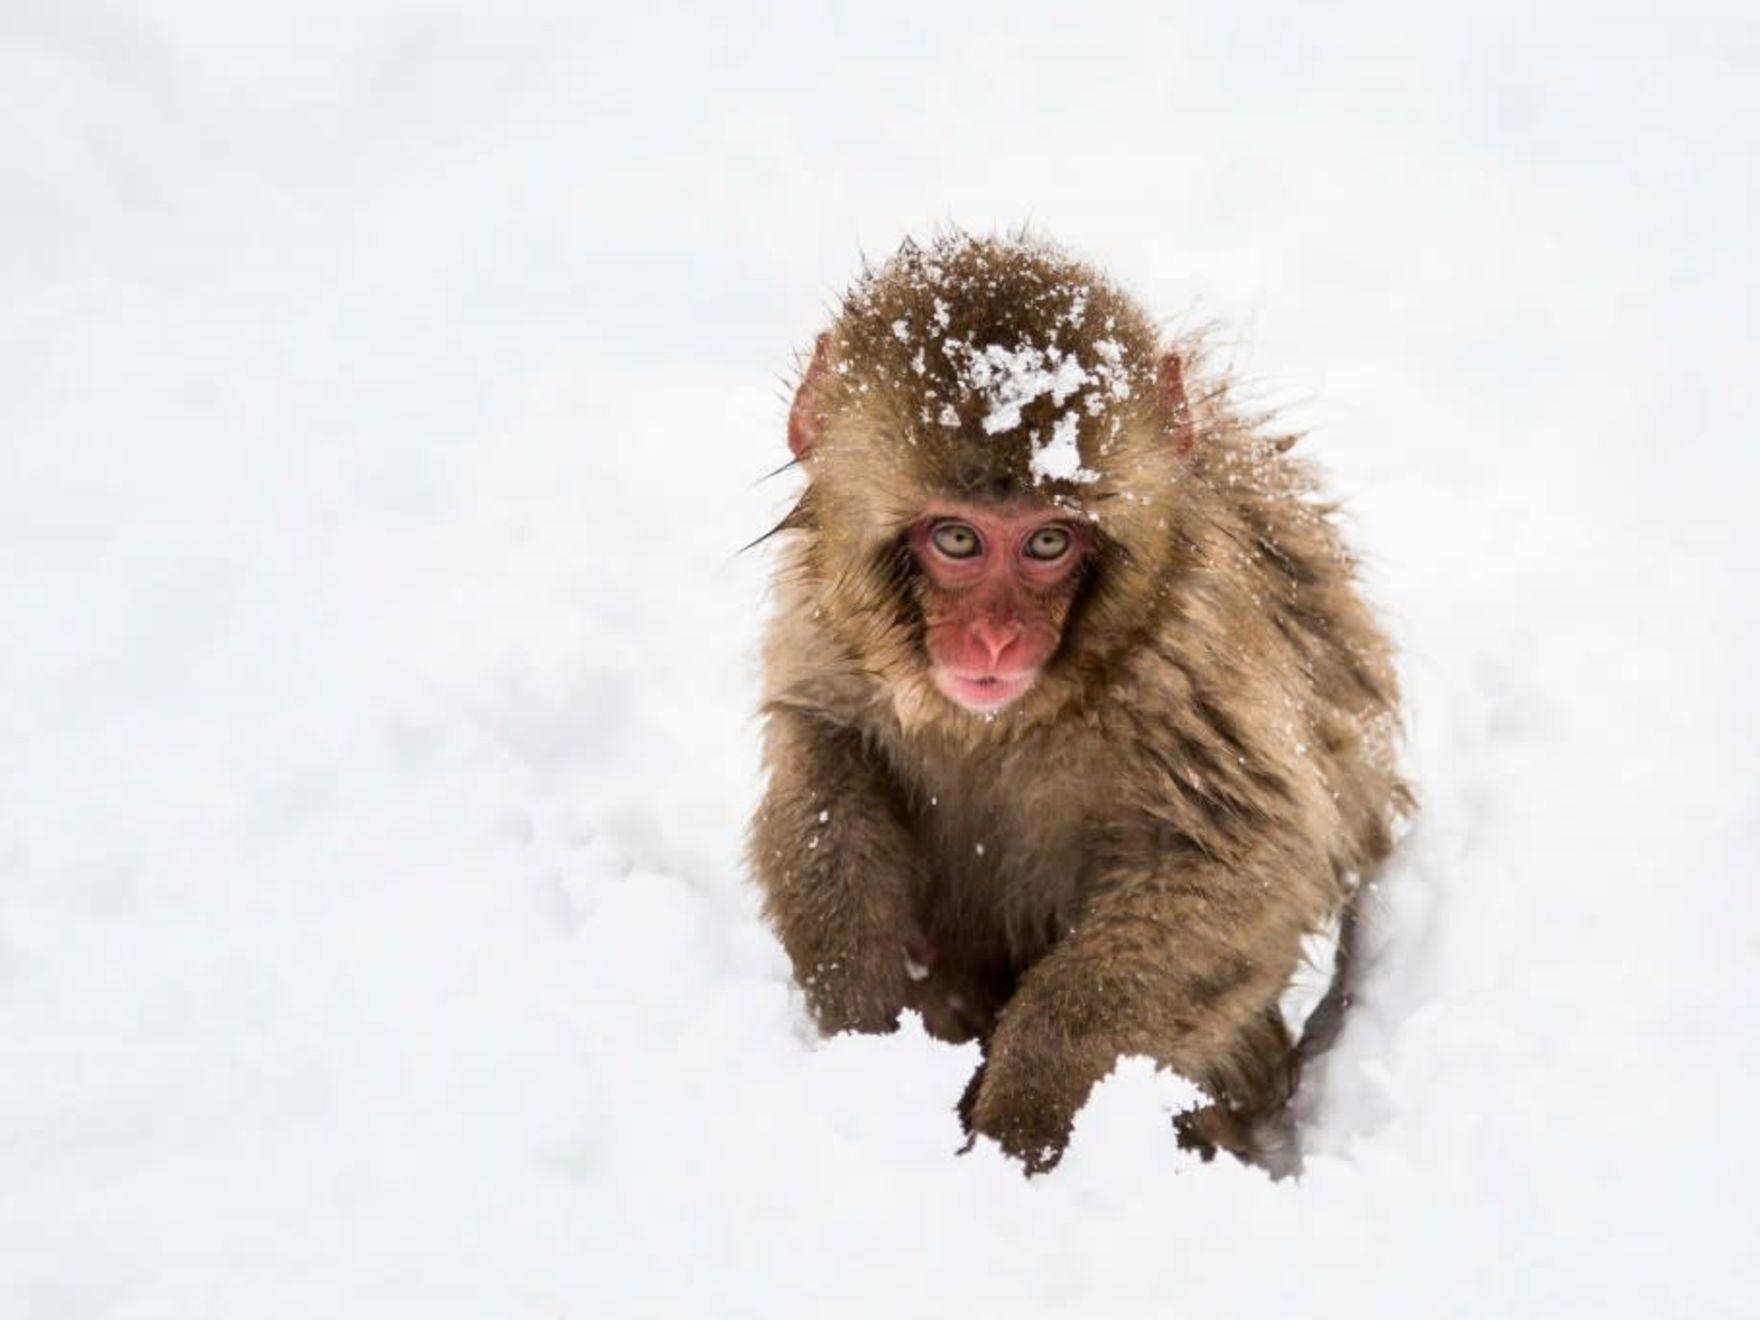 1-Day Tour in Nagano: Snow Monkeys, Zenkoji Temple and Sake - 1